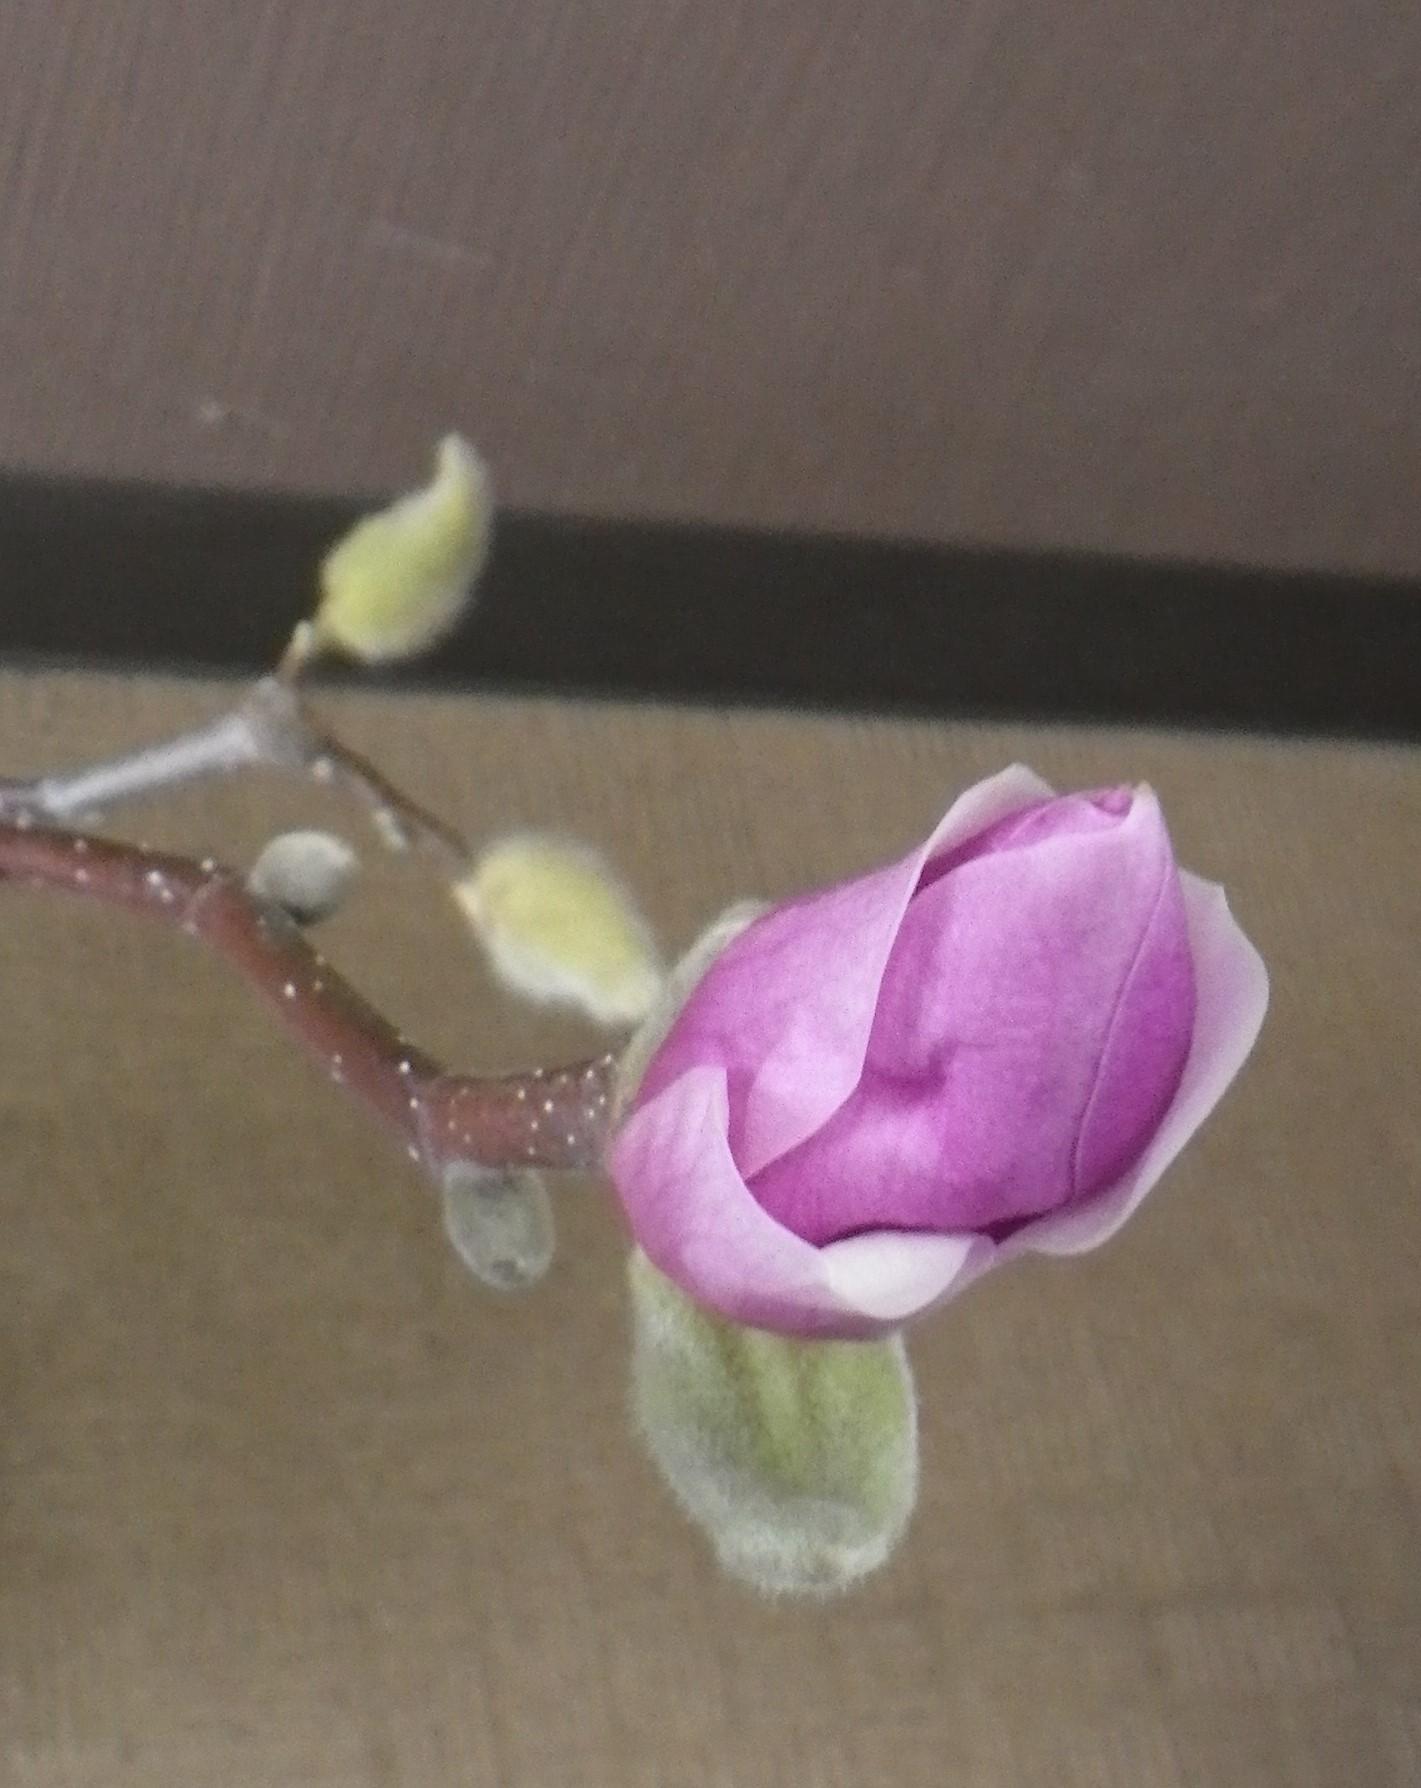 もうひとつの花びらが緩み始めたサラサモクレンのアップの2月11日の画像